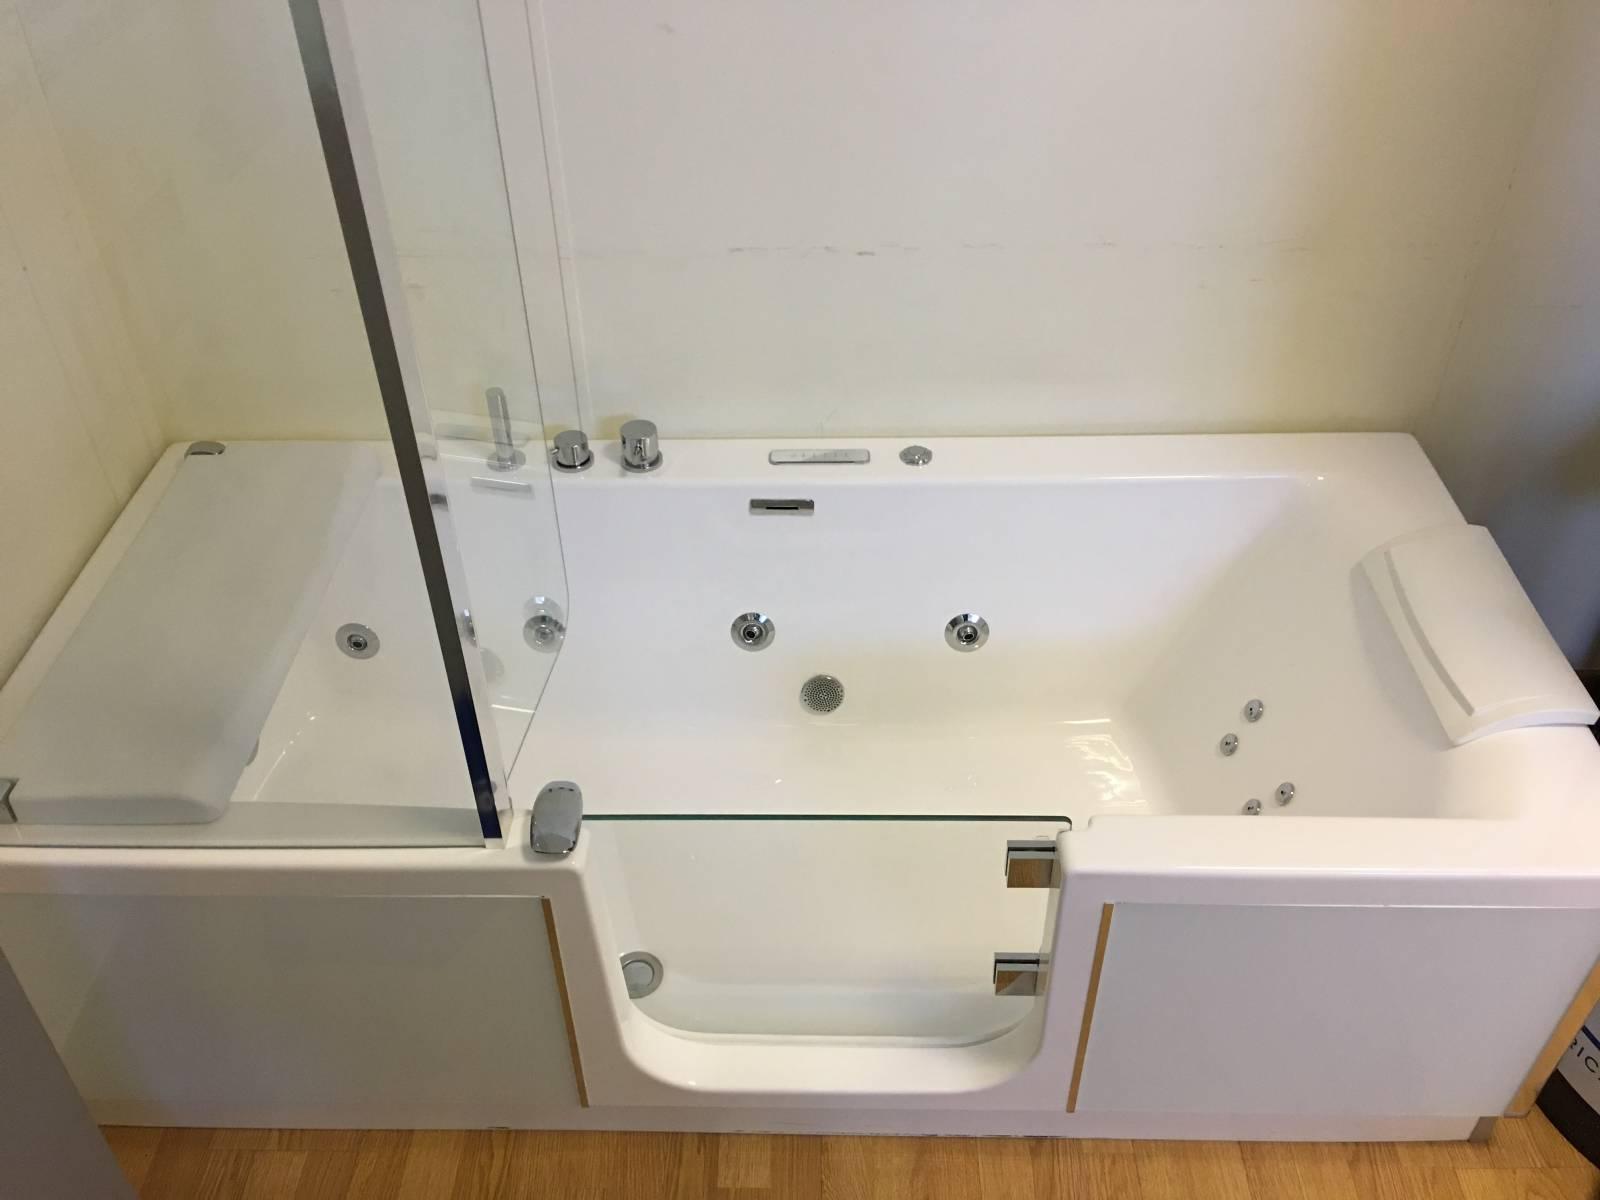 Baignoire porte kinedo bandol douche modul 39 eau for Baignoire douche porte